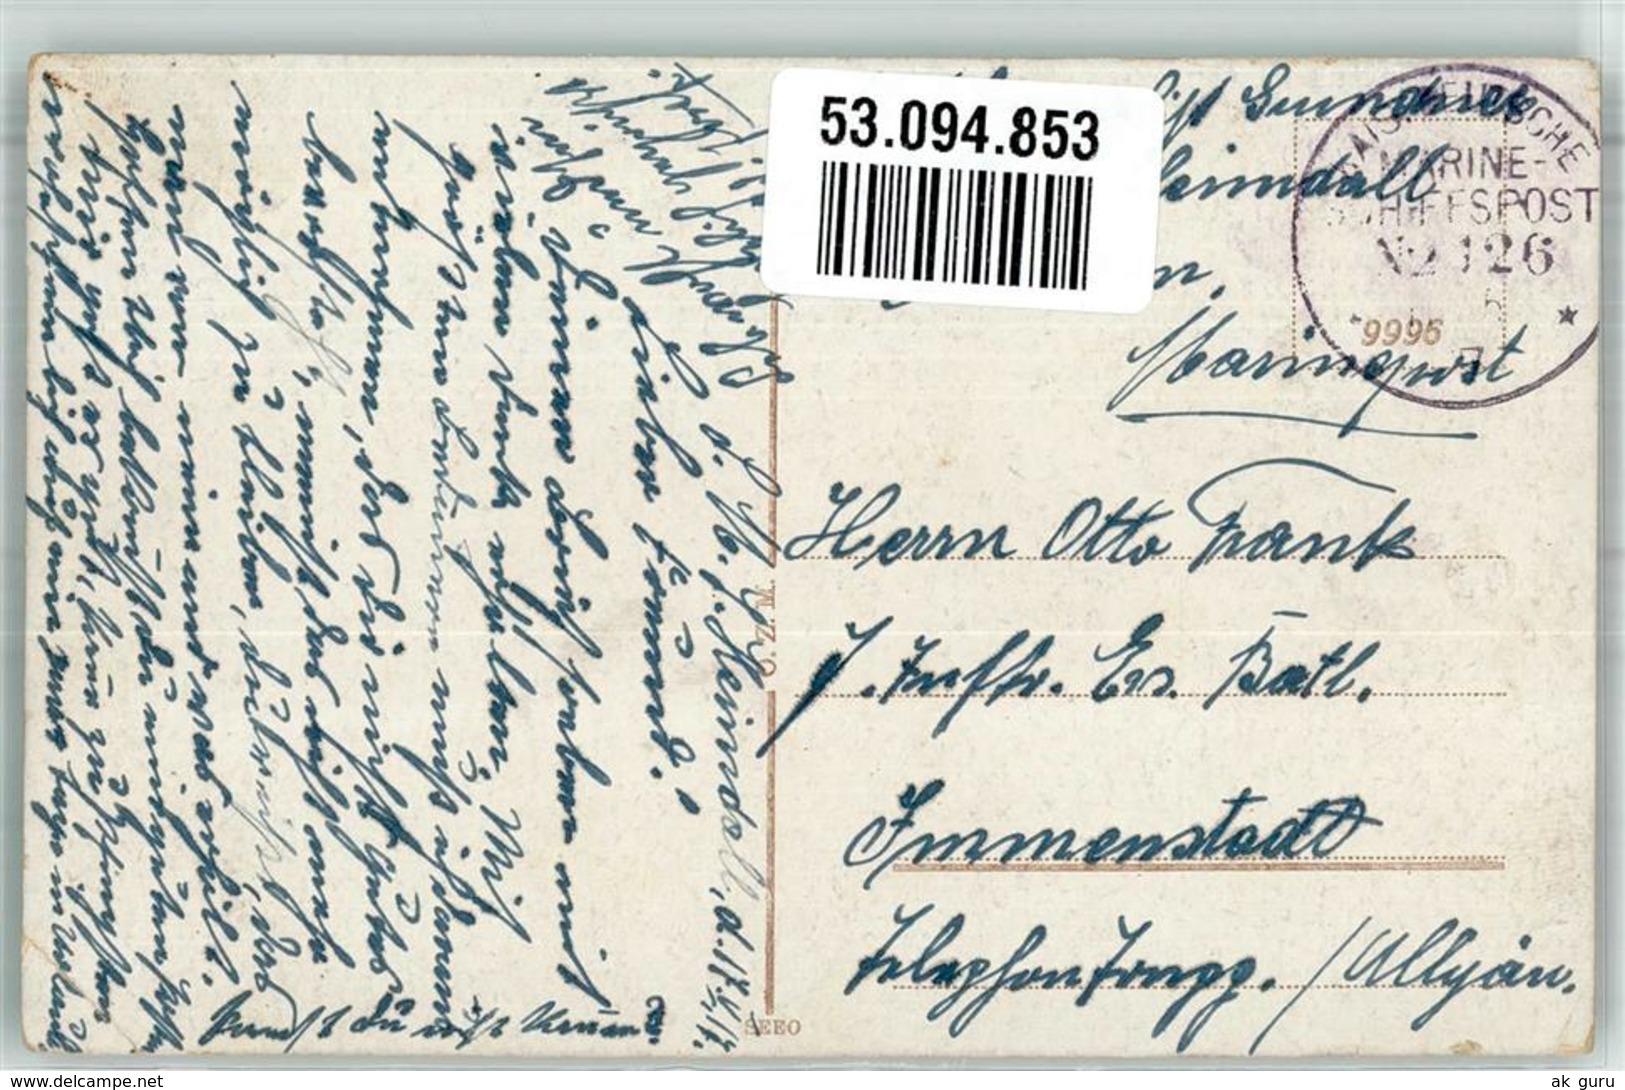 53094853 - Emden , Ostfriesland - Allemagne